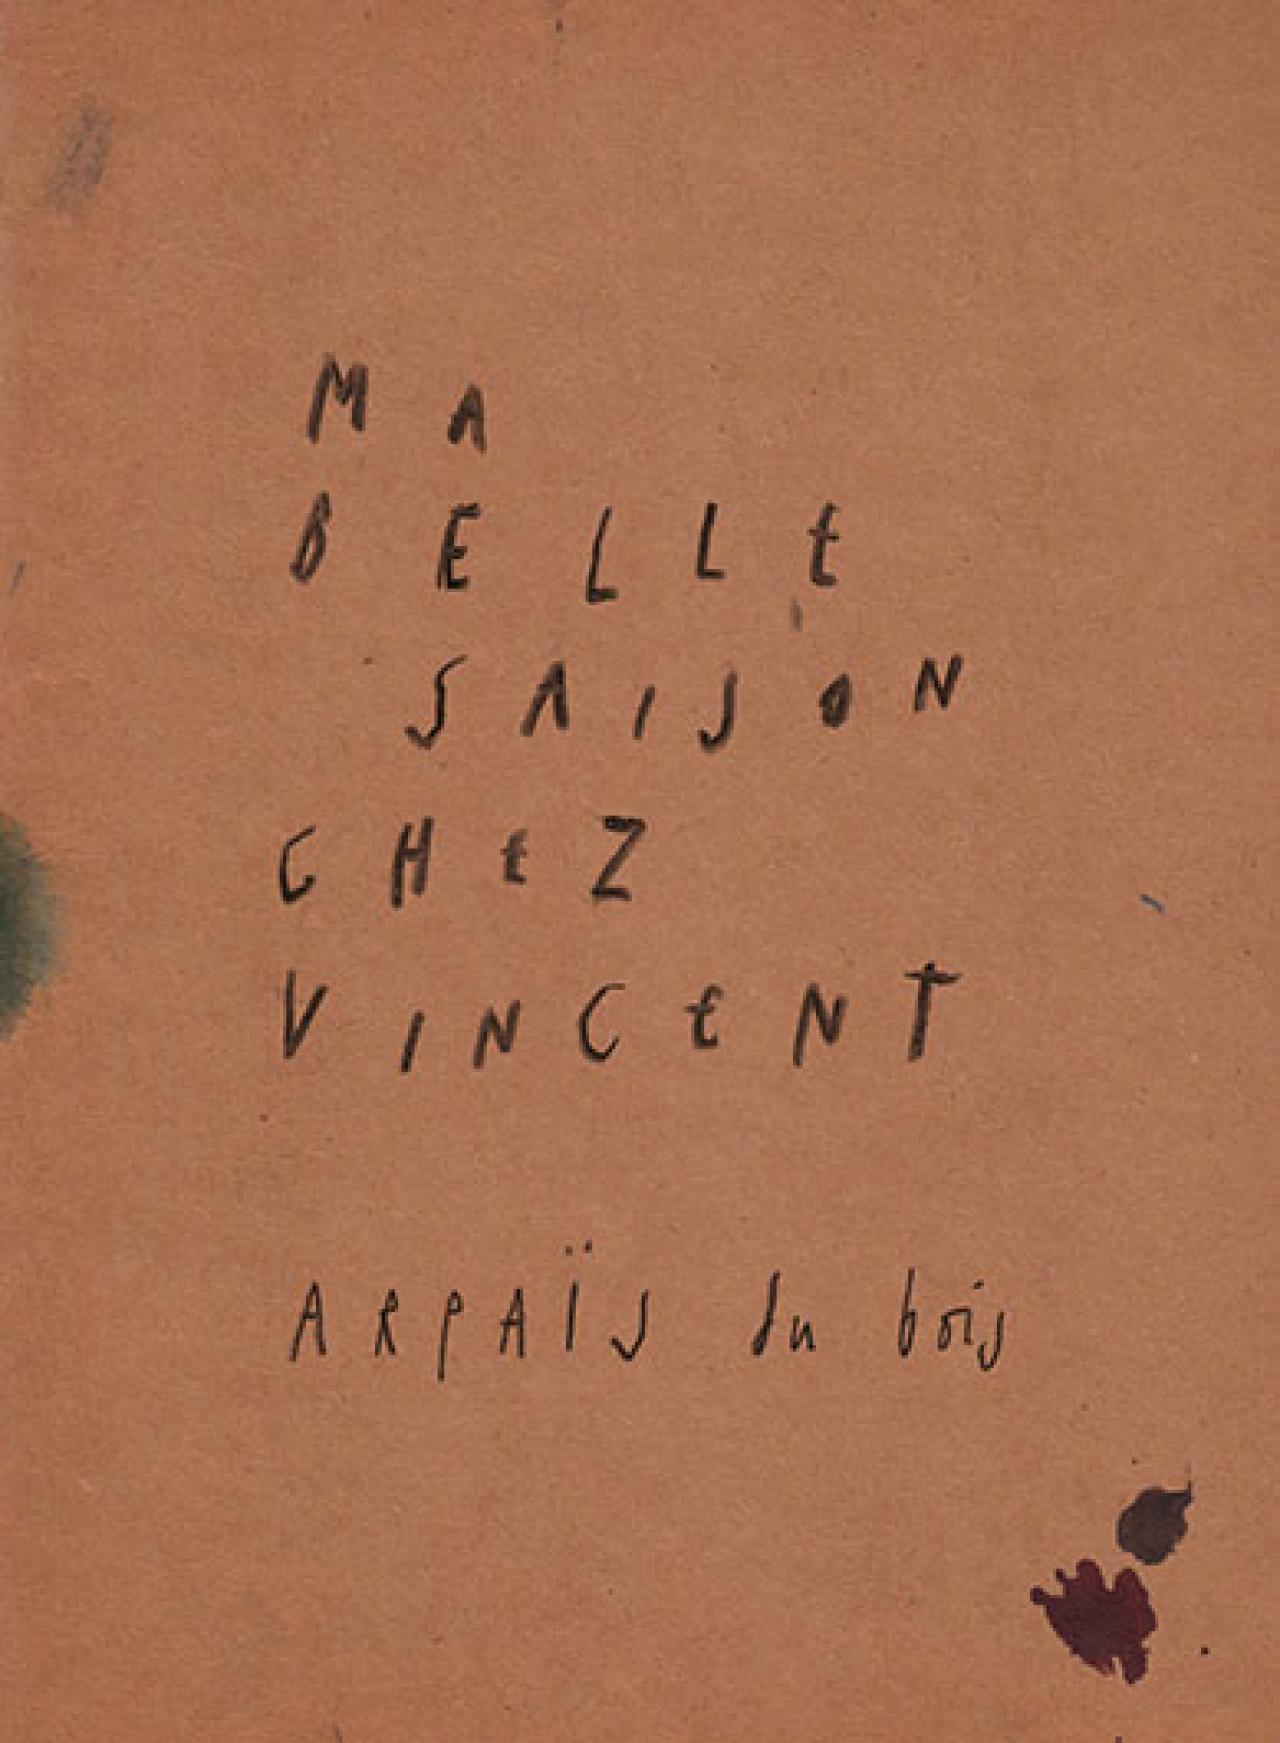 Arpaïs Du Bois: MA BELLE SAISON CHEZ VINCENT